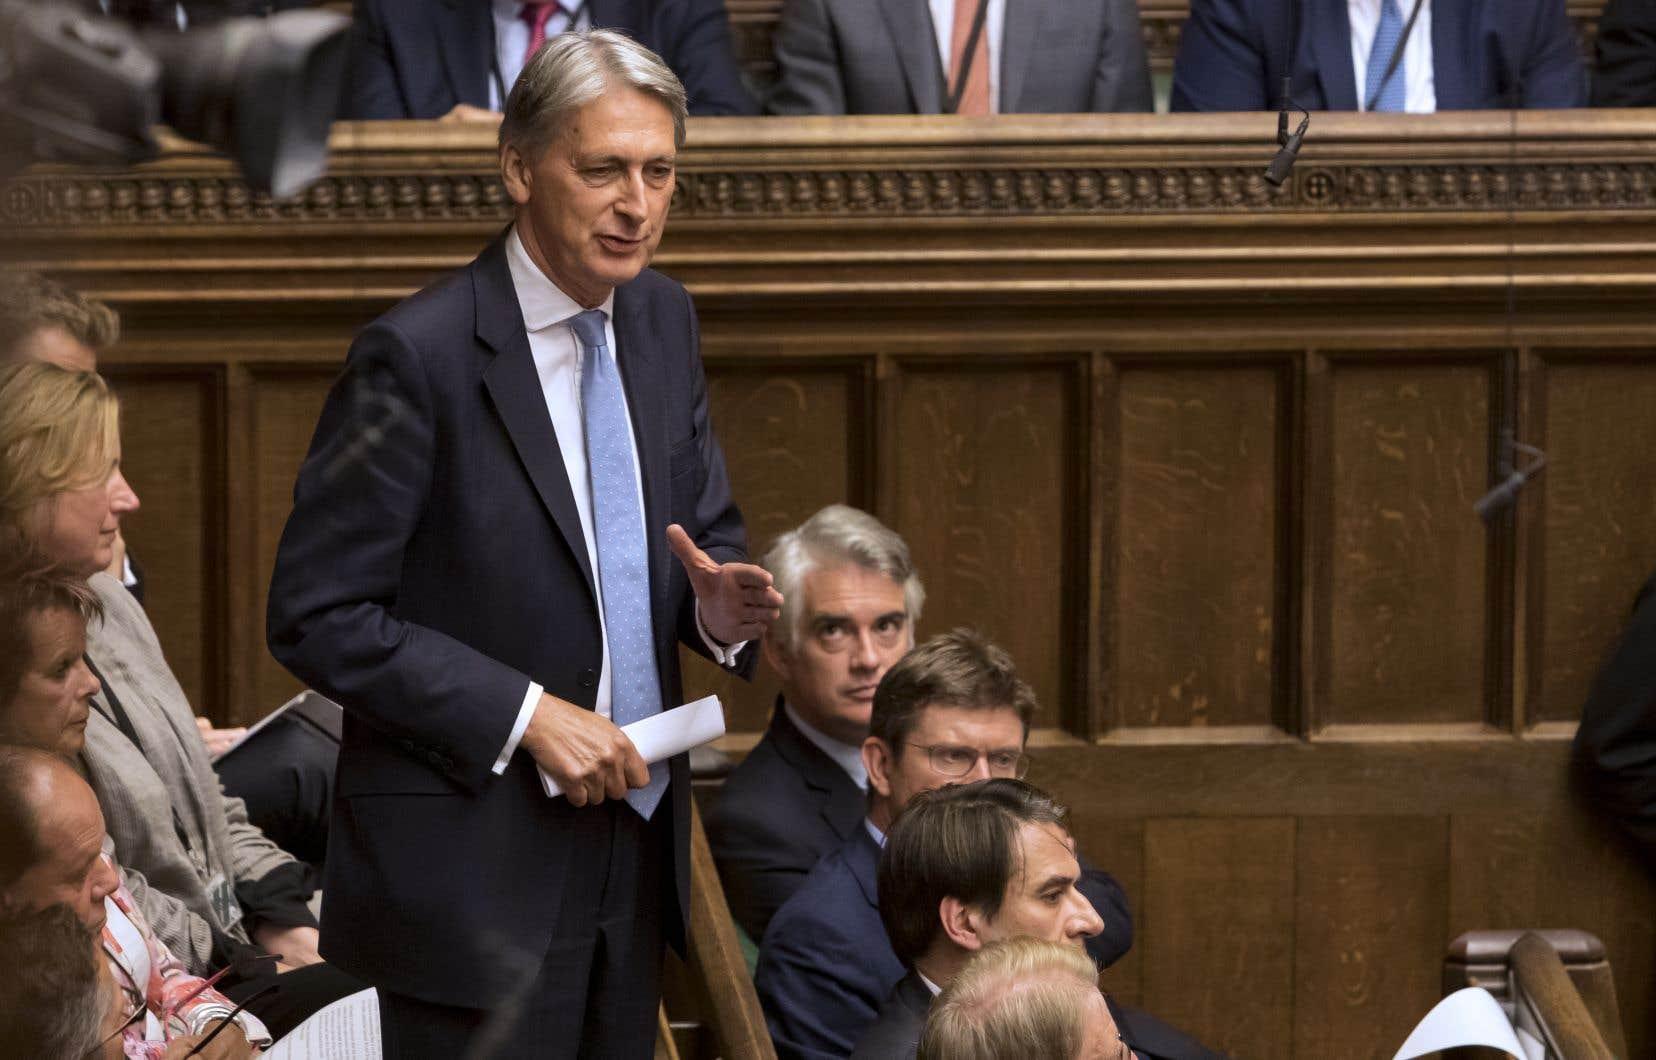 Philip Hammond, jusqu'à récemment chancelier de l'Échiquier (ministre de l'Économie), compte parmi les poids lourds qui ont été expulsés du parti par Boris Johnson.